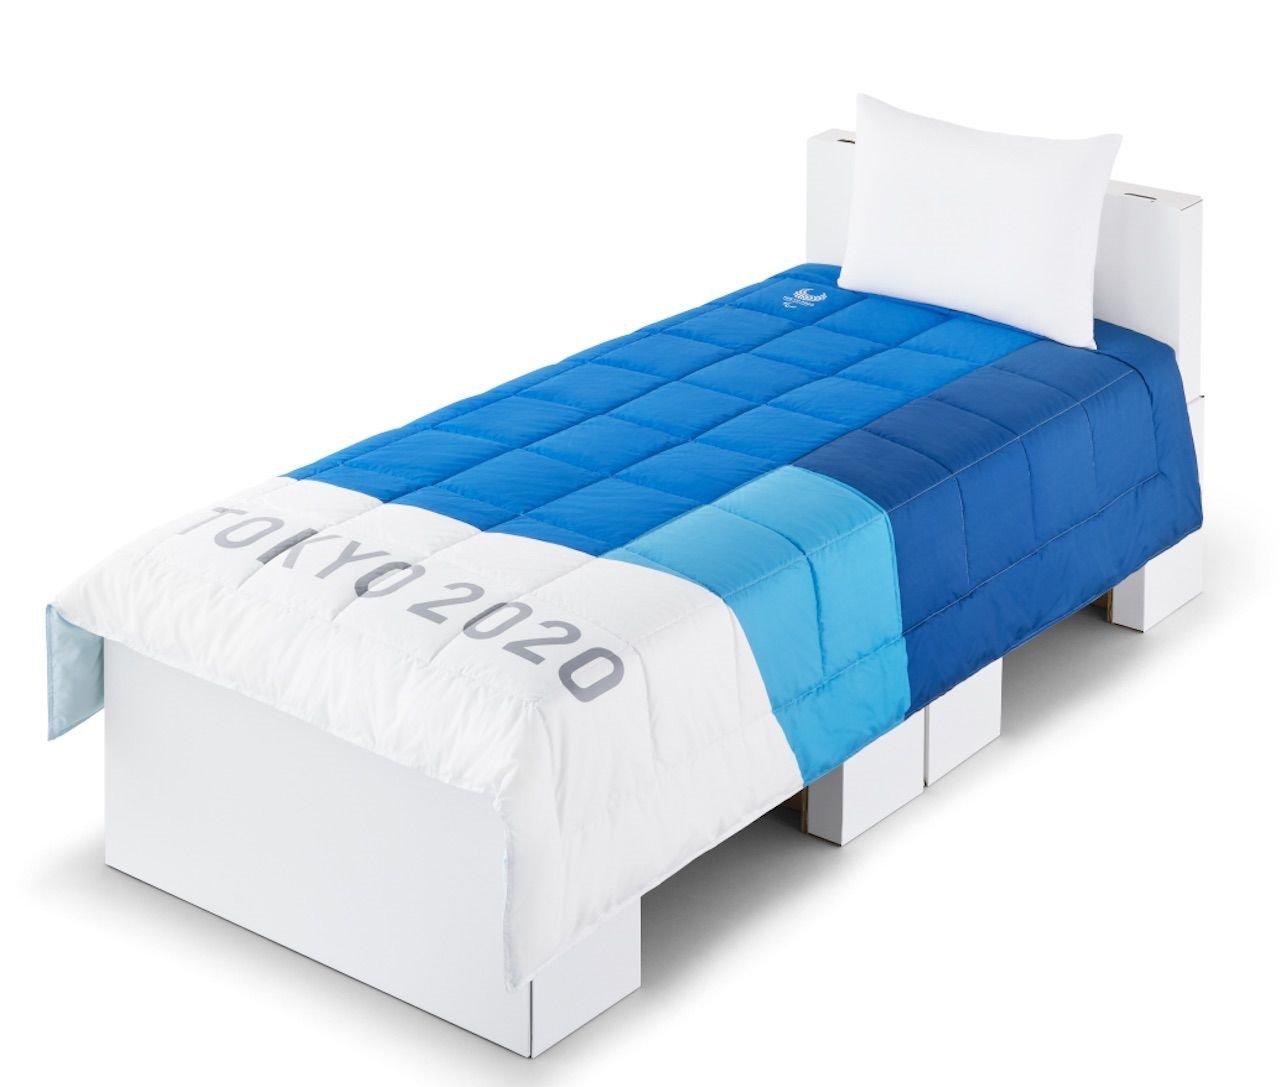 Los atletas olímpicos dormirán en camas de cartón en los Juegos de Tokio 2020